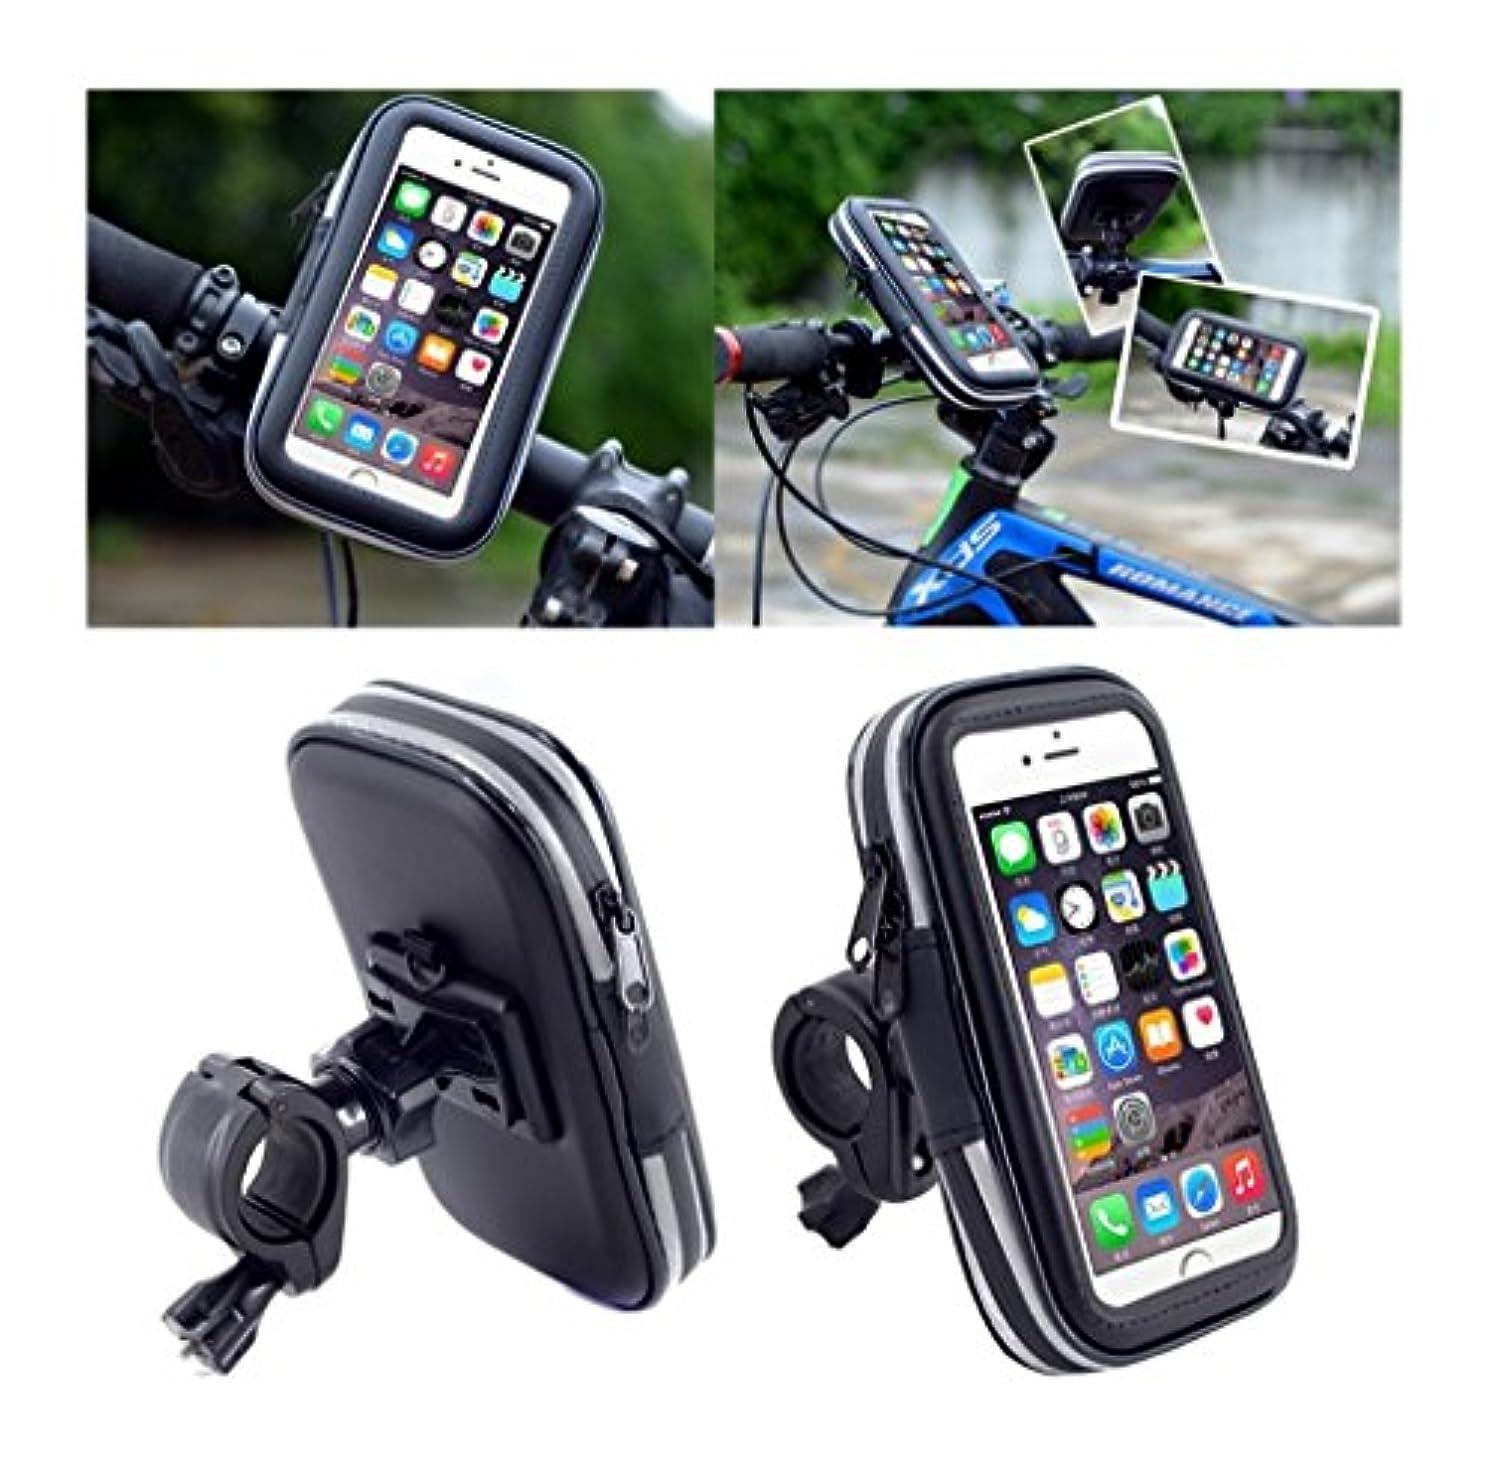 チェス生産的びっくりDFV mobile - 自転車ハンドルバーと回転可能な防水バイク用のプロフェッショナルリフレクティブサポート360? => PRESTIGIO MULTIPHONE PAP7600 DUO > 黒